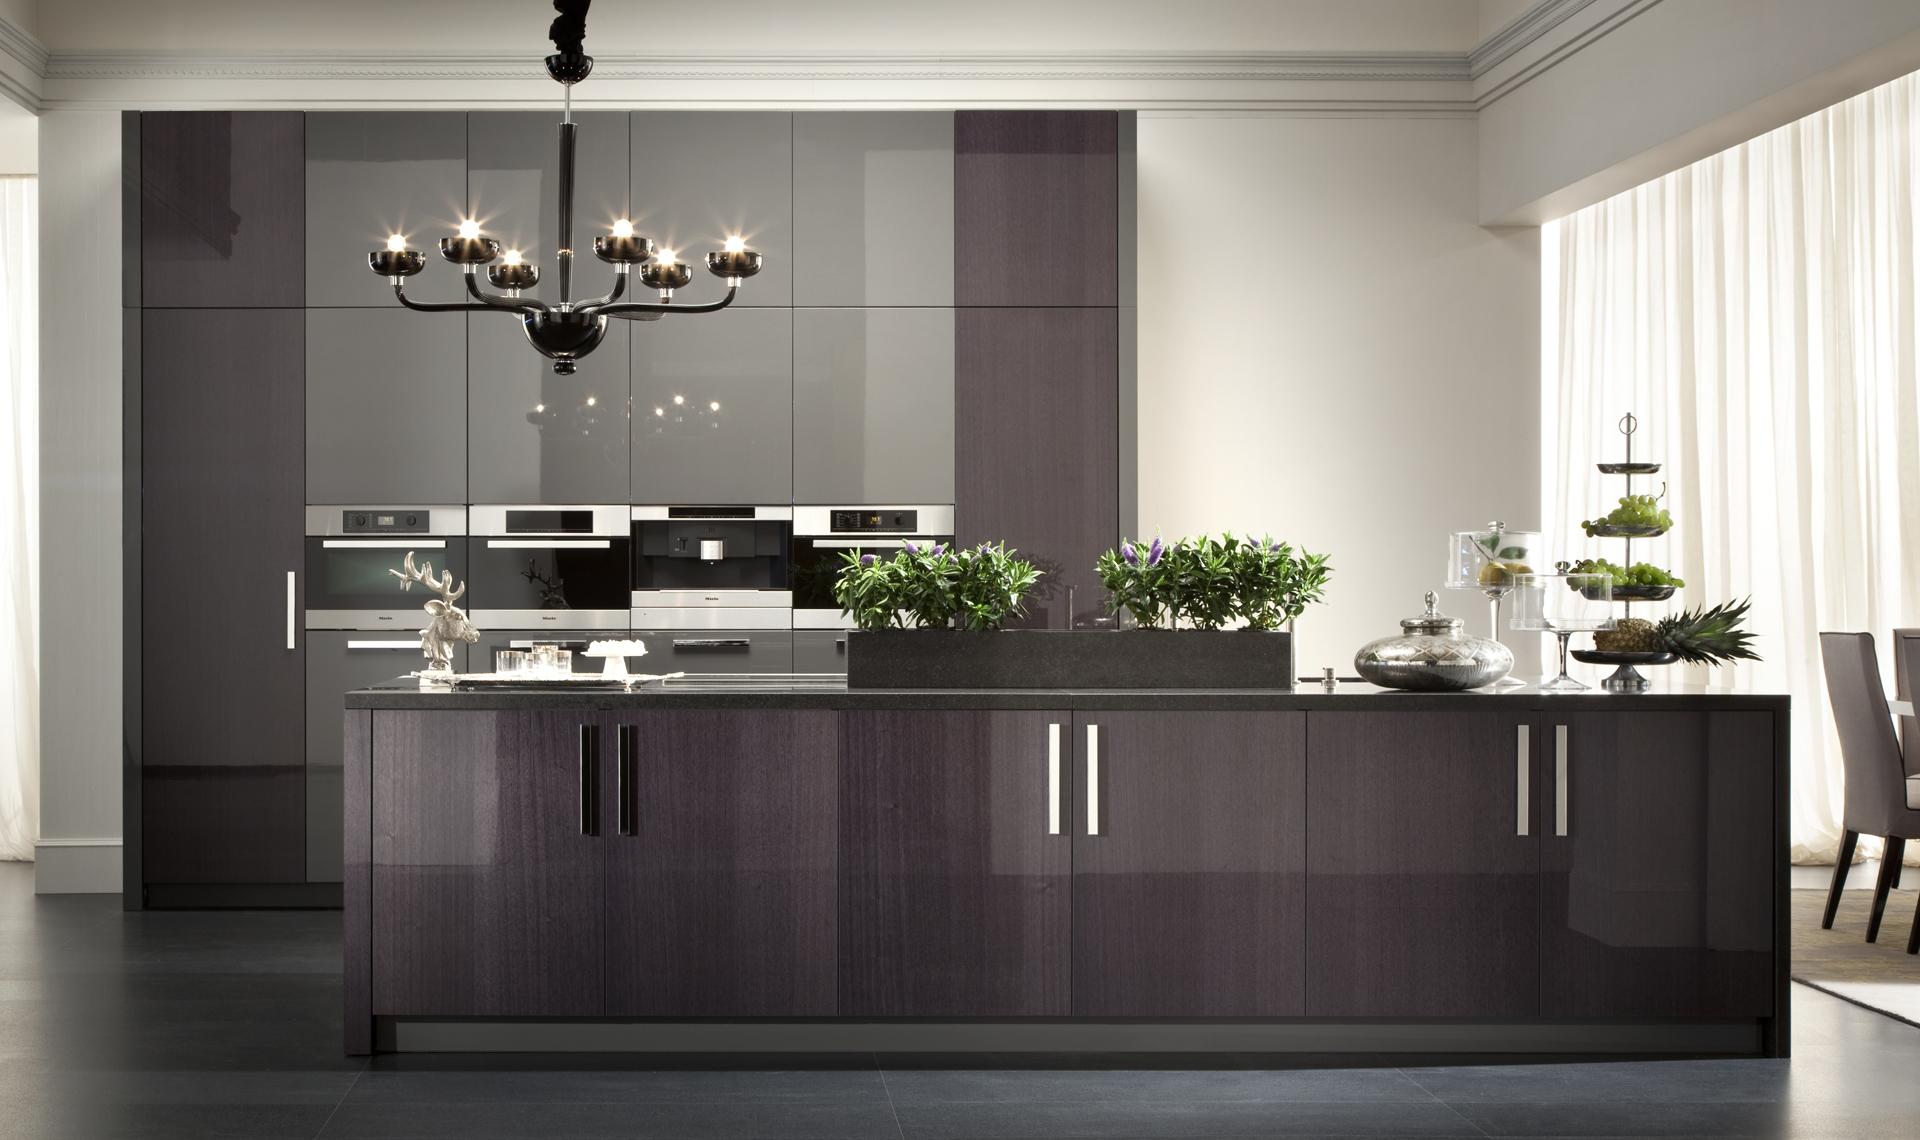 European Kitchen Cabinets - InHaus Kitchen & Bath   Staten ...